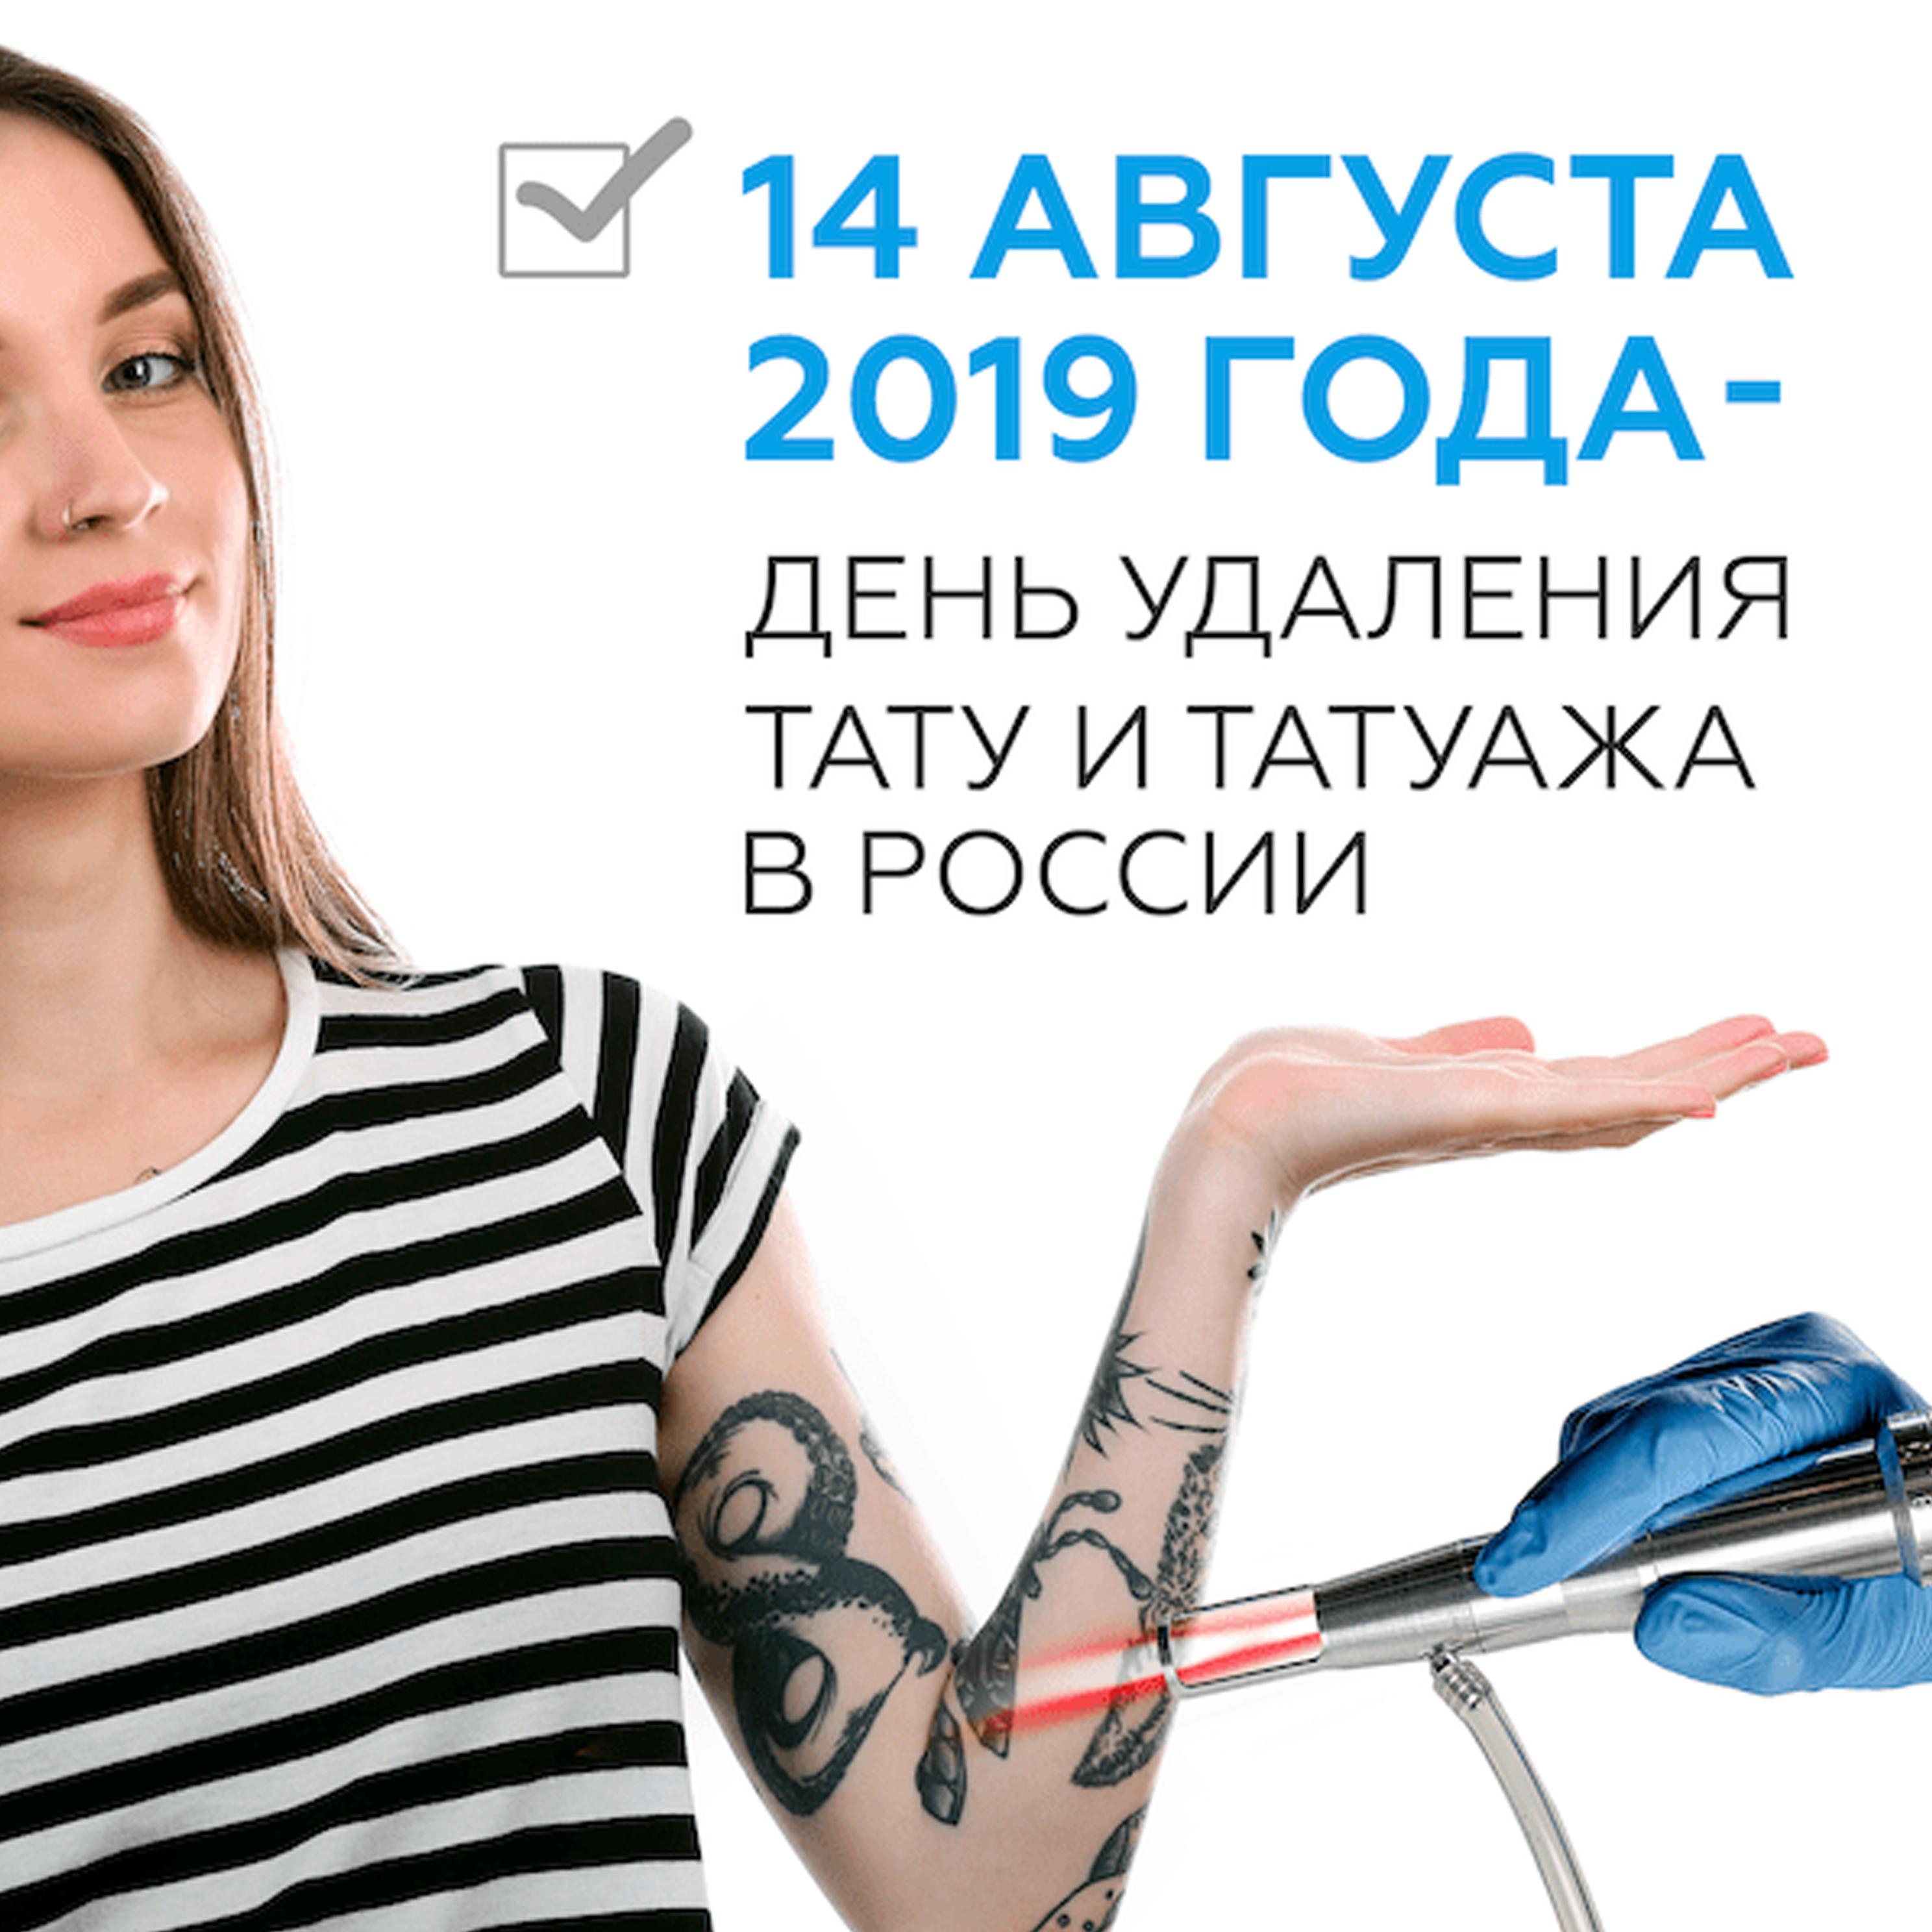 14 августа в России прошел первый День удаления тату и татуажа!